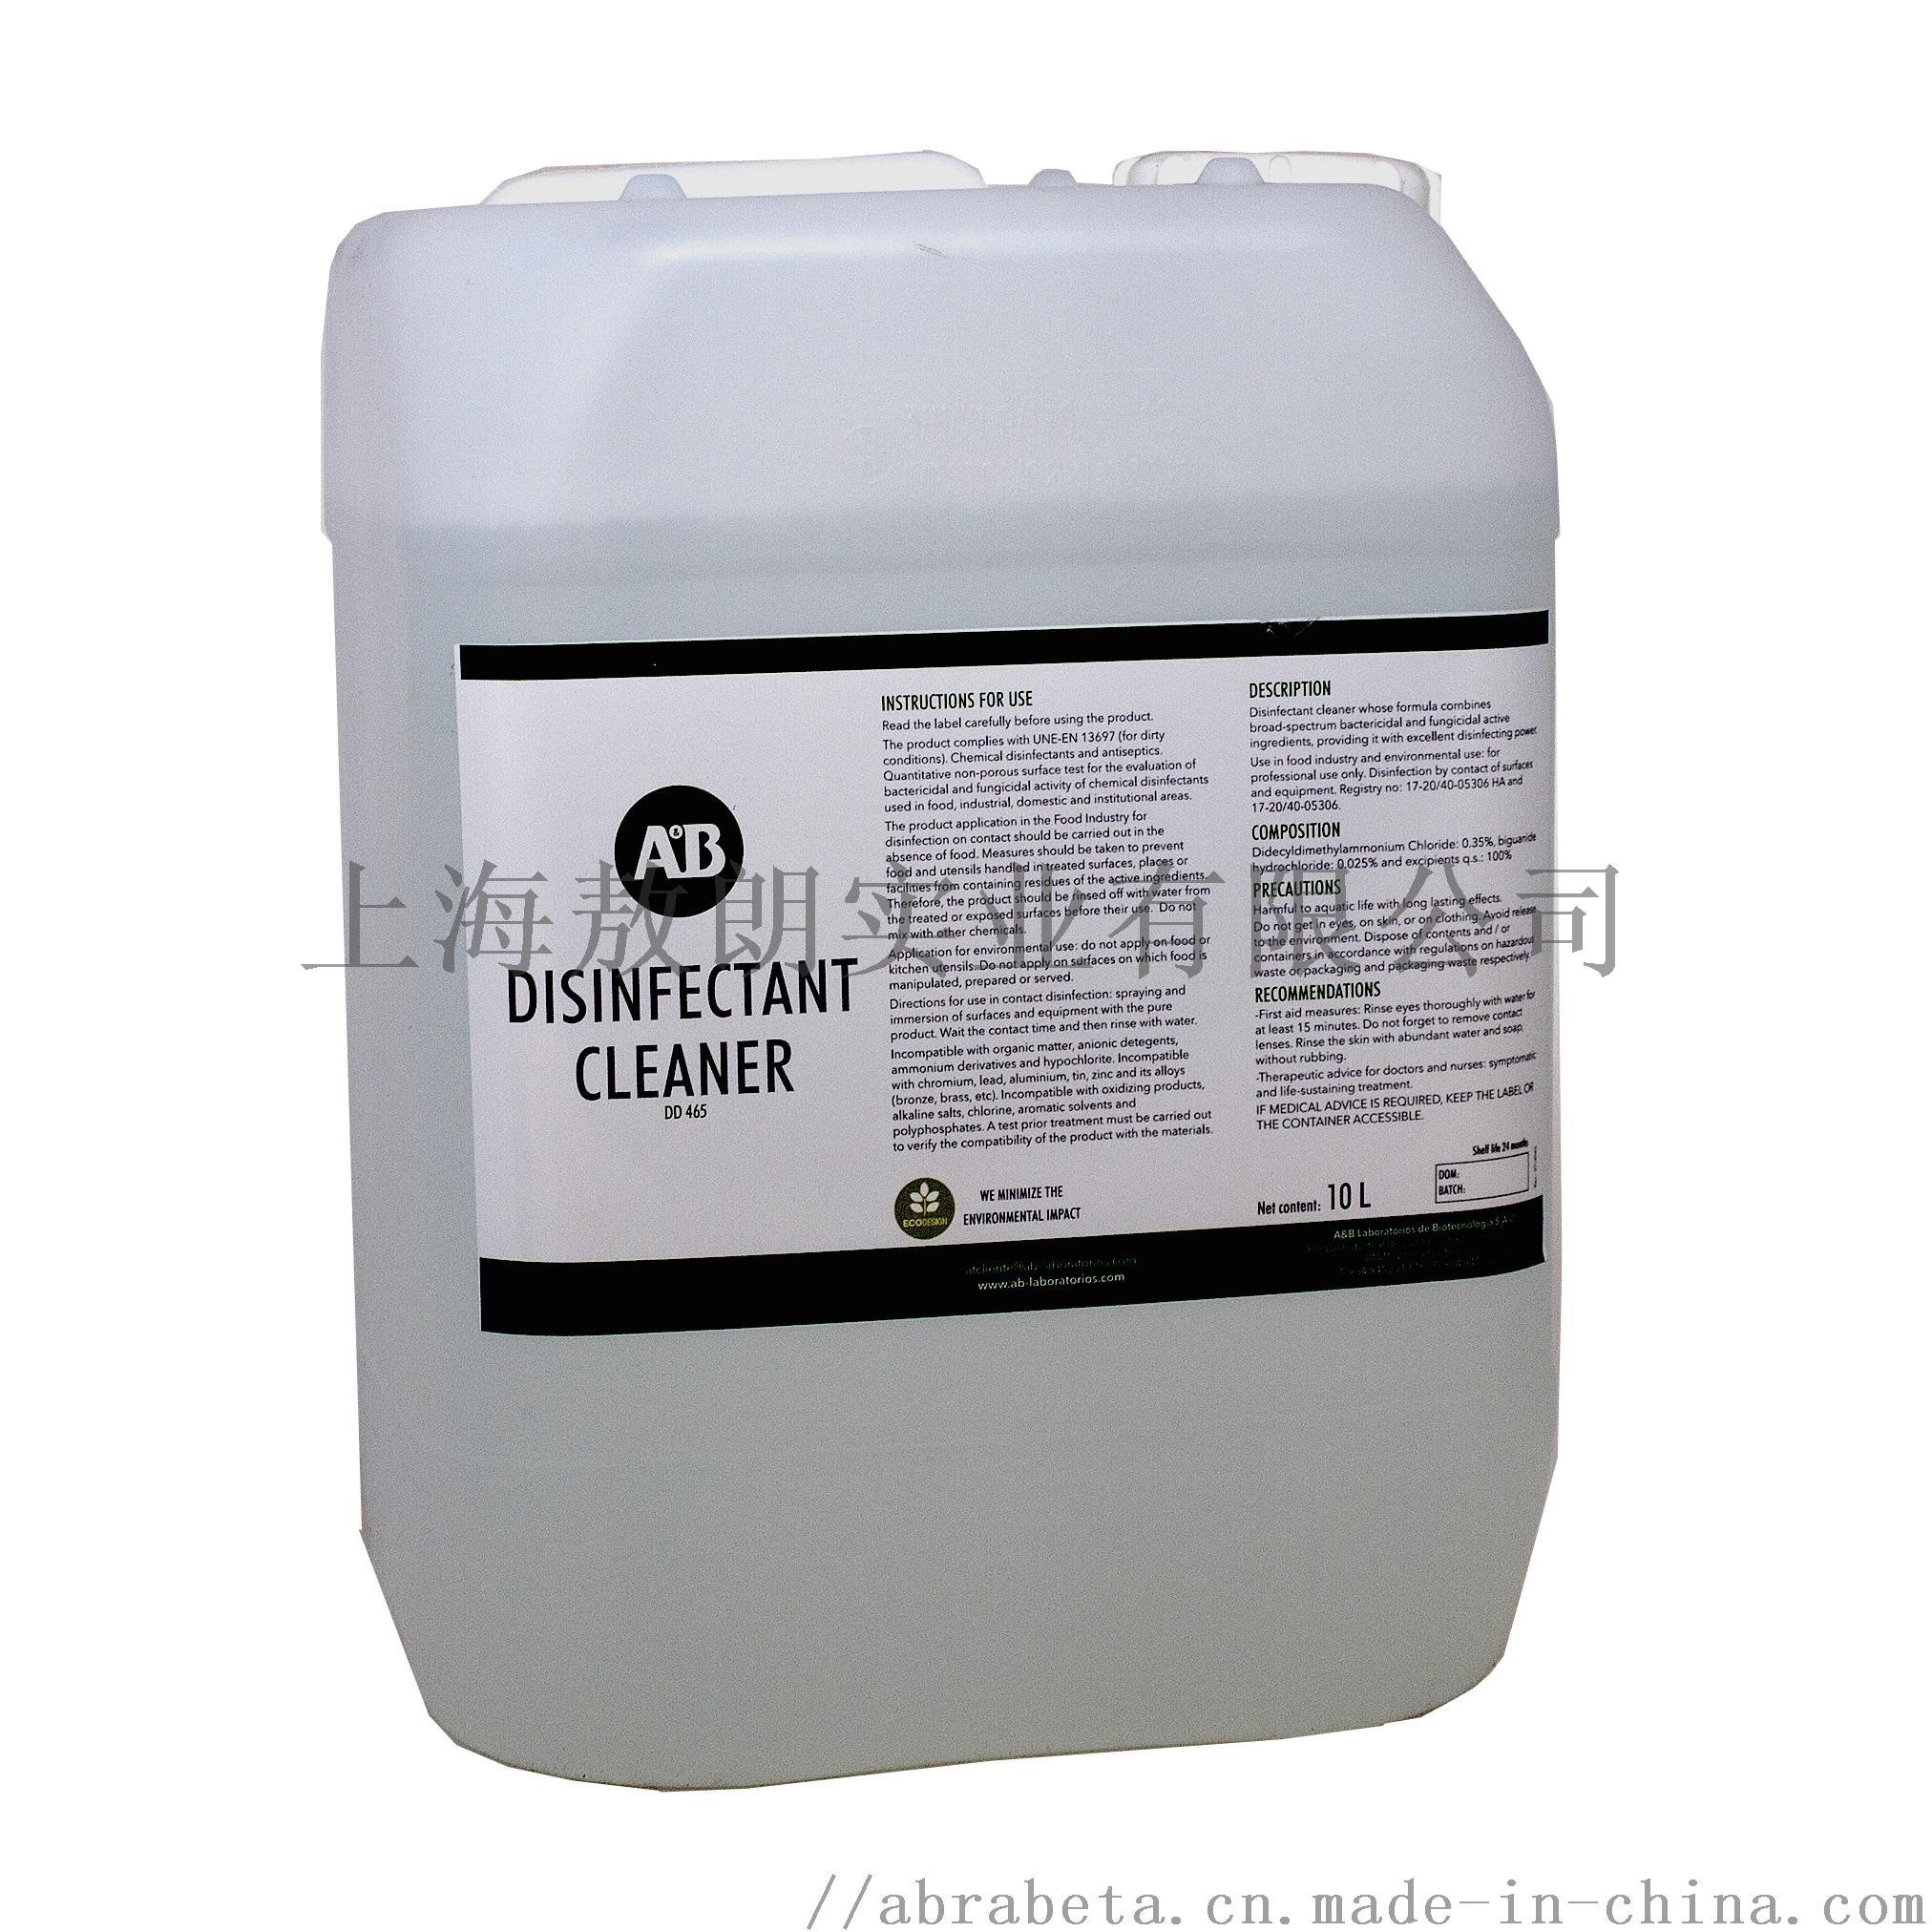 西班牙DD465酶基清洁消毒液(民用)901868625